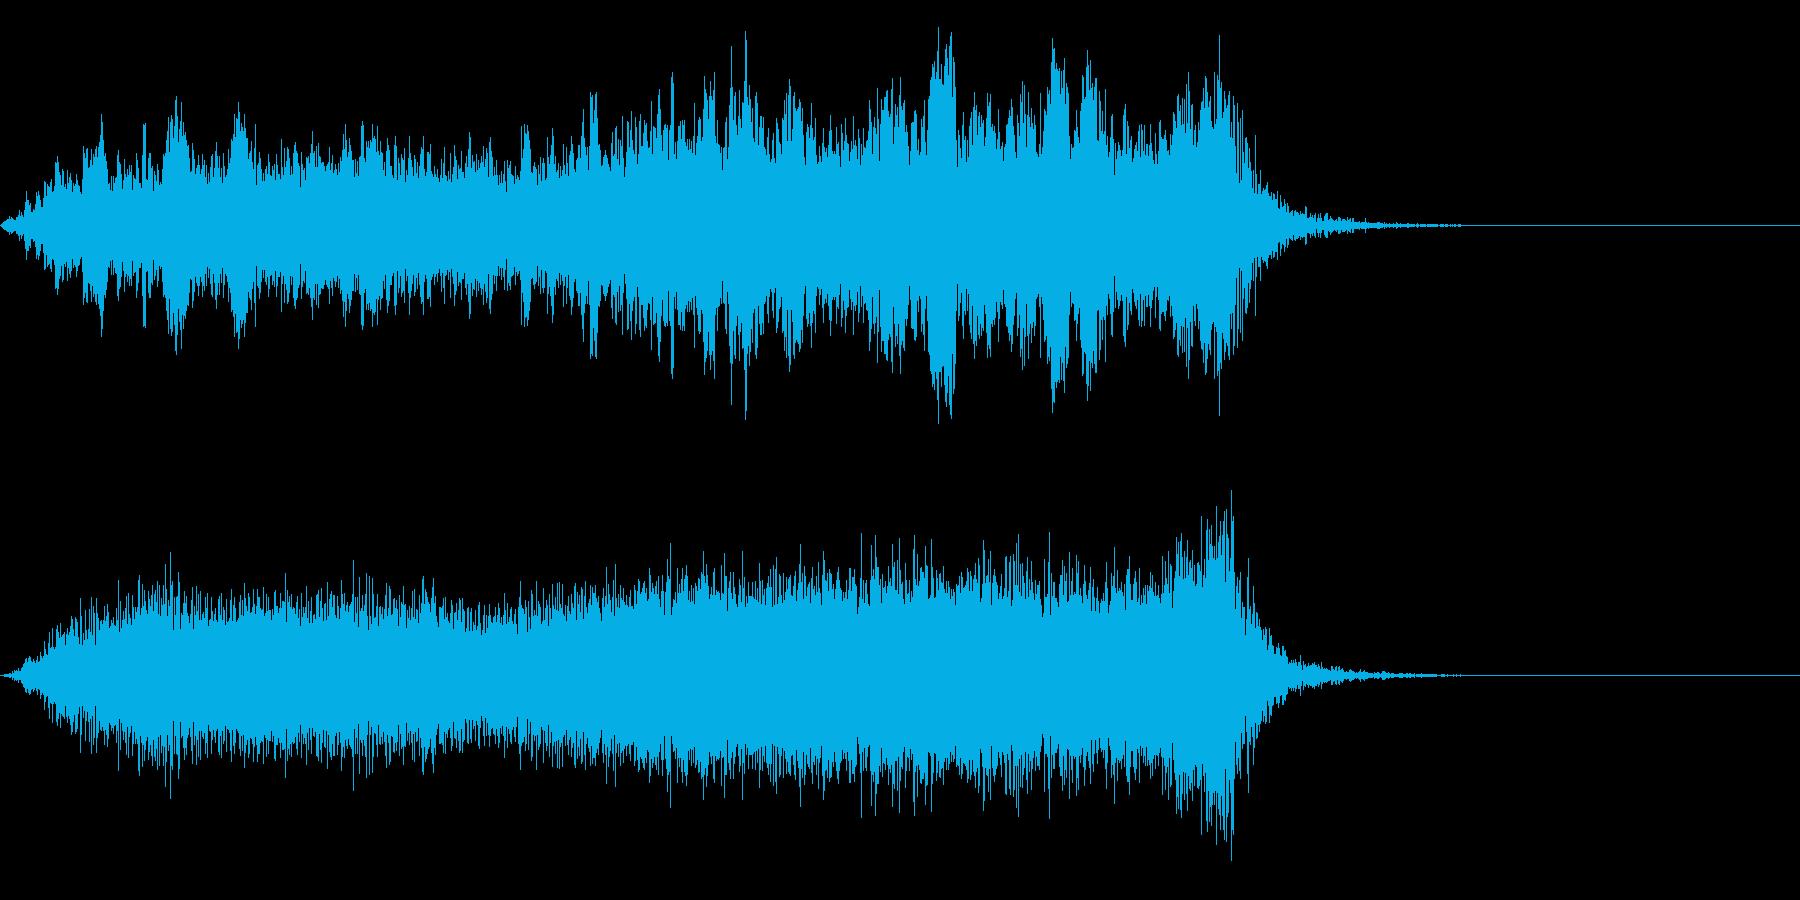 ワープ 宇宙的 未来的な効果音 01の再生済みの波形